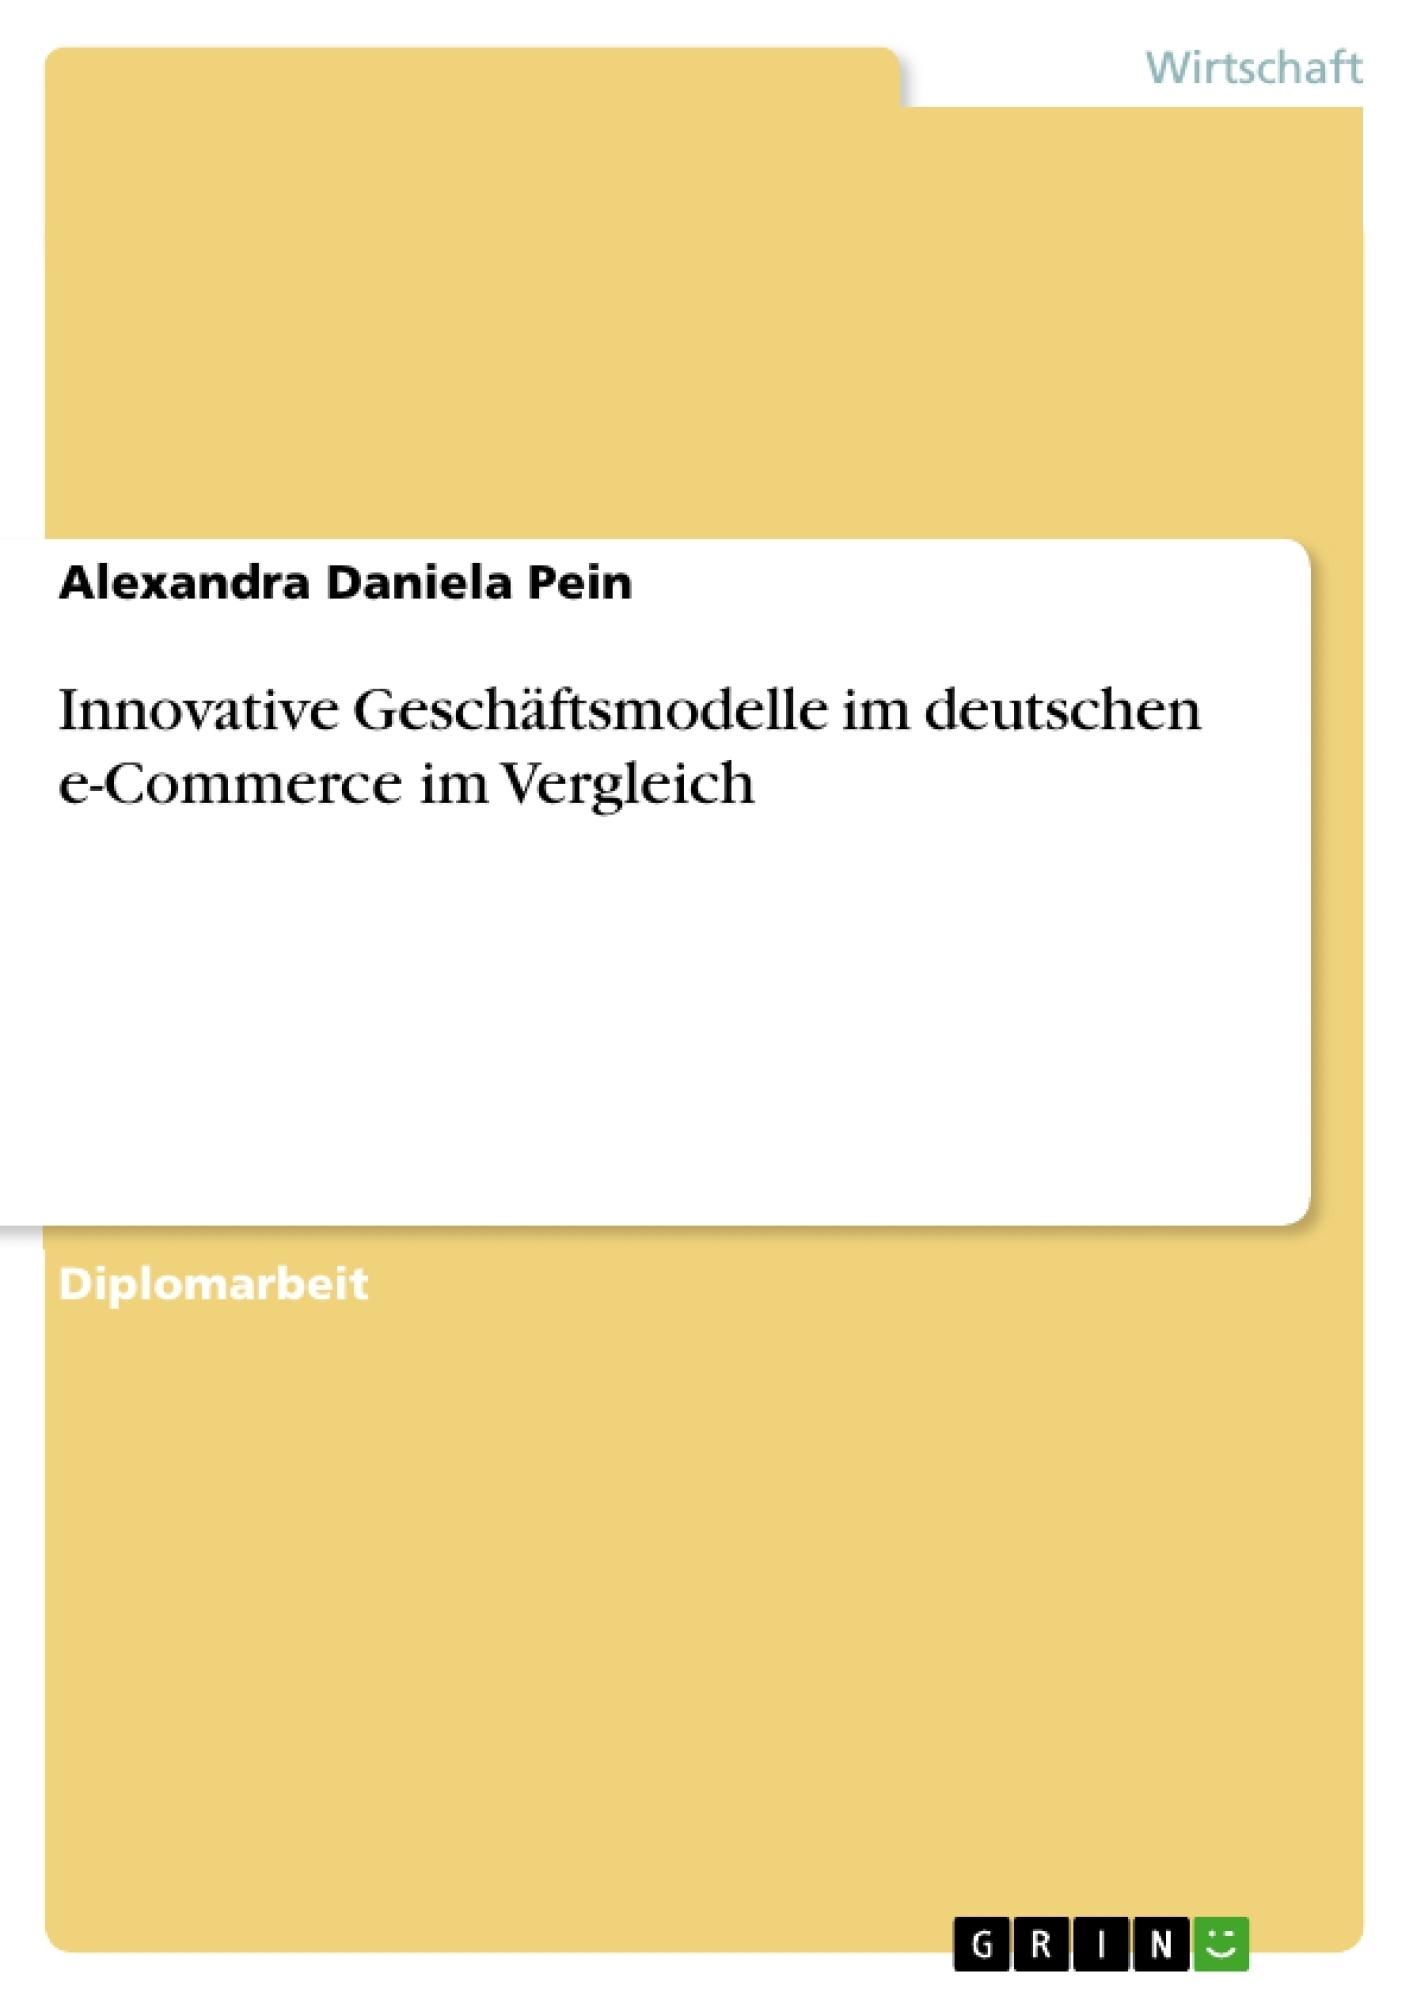 Titel: Innovative Geschäftsmodelle im deutschen e-Commerce im Vergleich